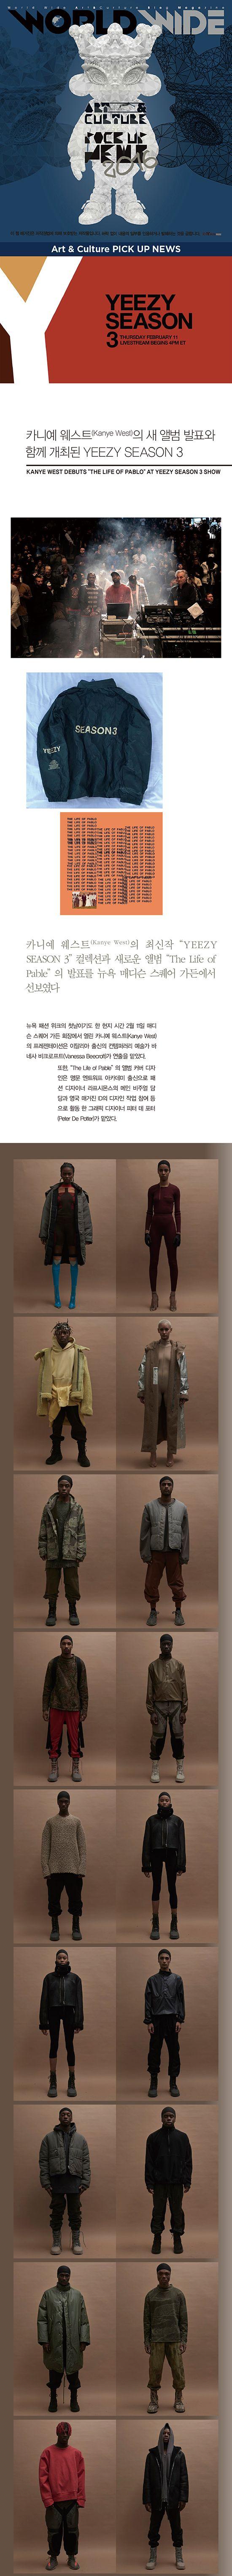 Blog Magazine ● WORLD WIDE: Art & Culture PICK UP NEWS∥카니예 웨스트(Kanye West)의 새 앨범 발표와 함께 개최된 YEEZY SEASON 3